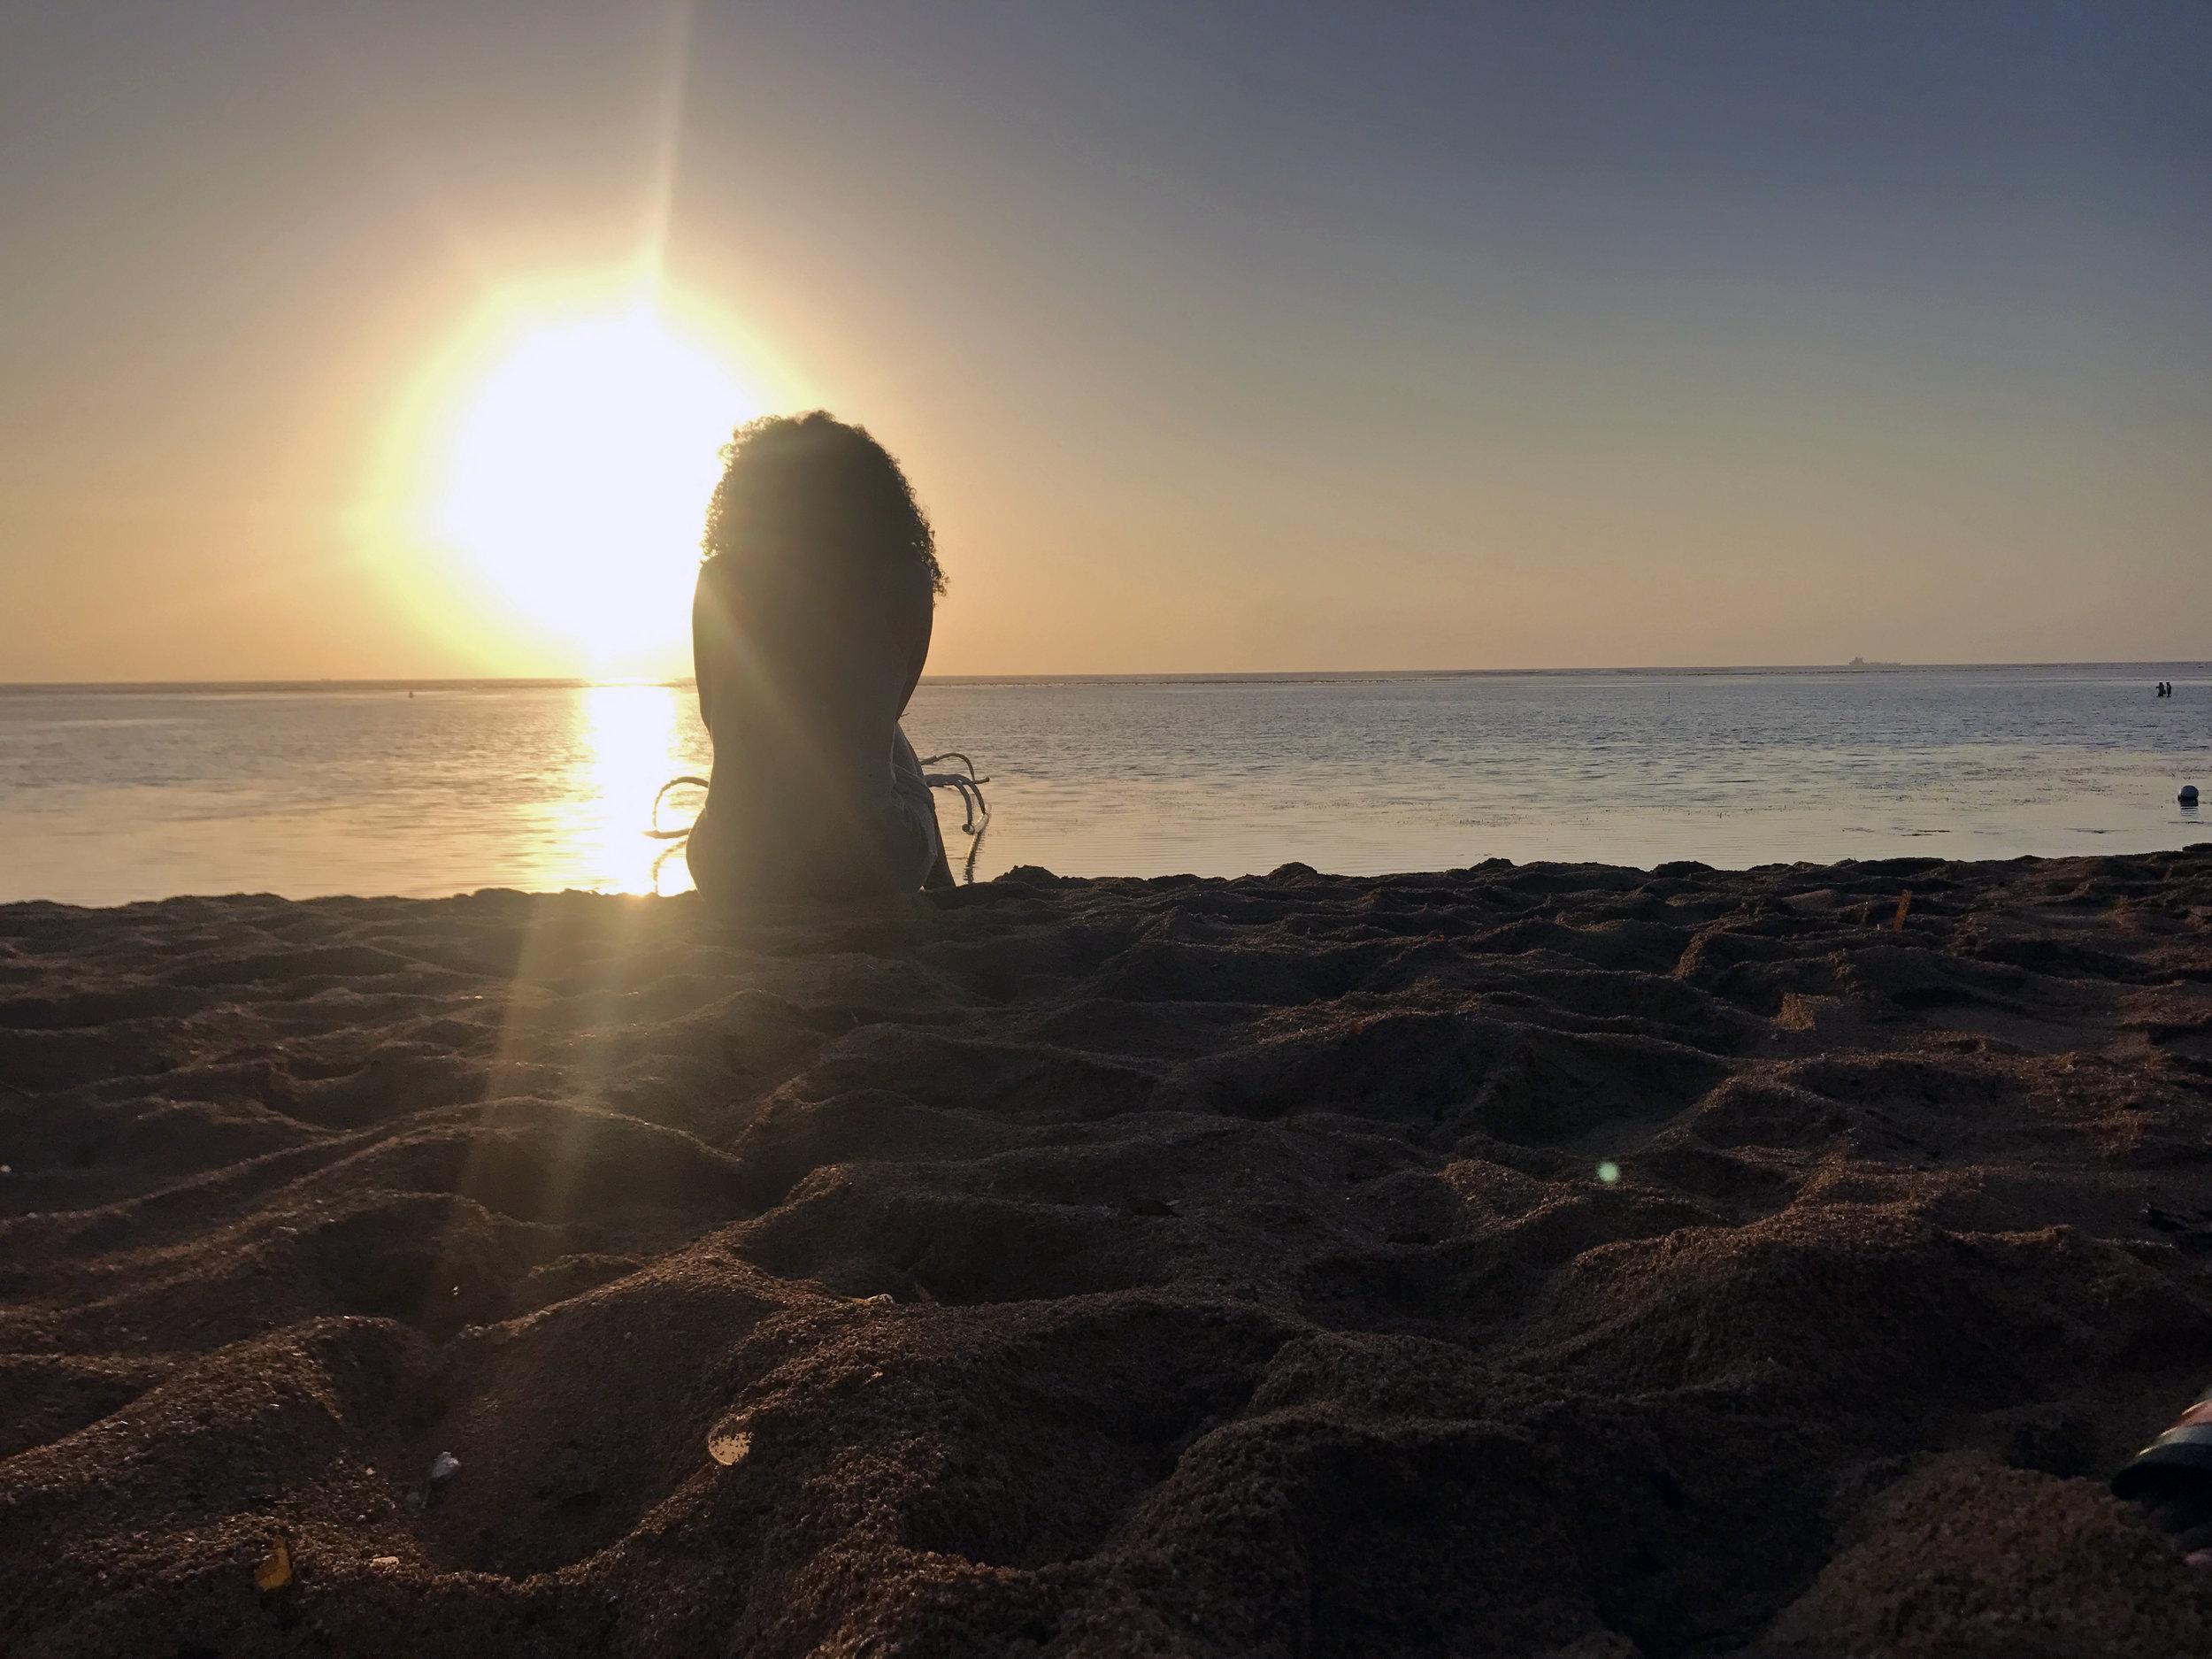 Sunrise at Sanur Beach, Maya Sanur